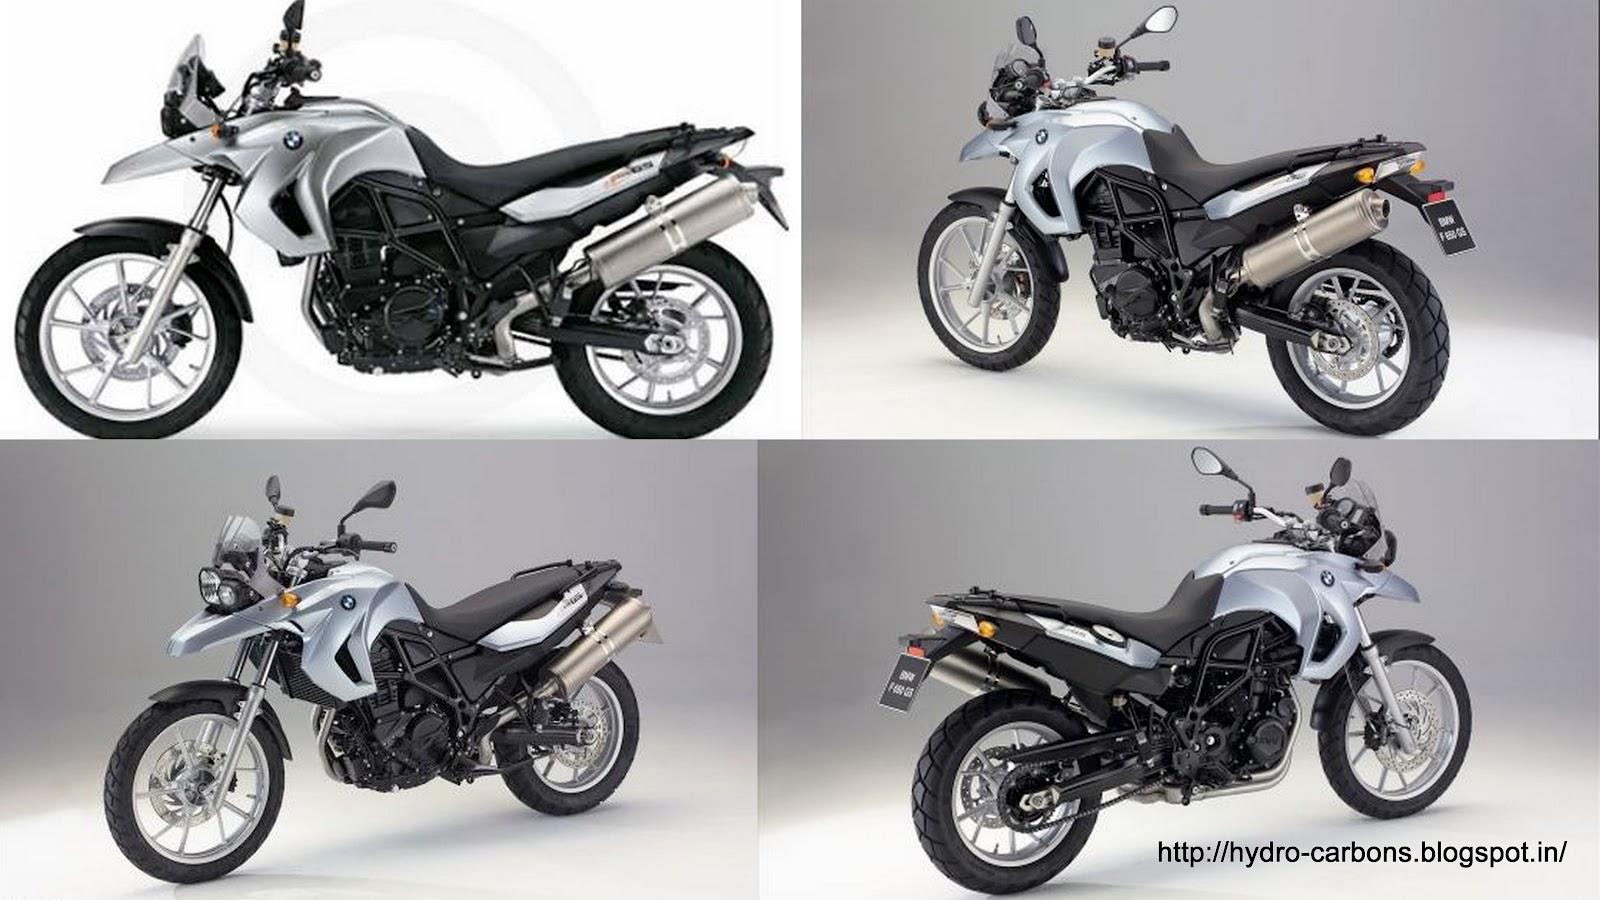 http://1.bp.blogspot.com/-wGlUezPGUqs/T4UL6PI_bAI/AAAAAAAAPPQ/WpA7VRRgdF0/s1600/2012+BMW+F+650+GS.jpg